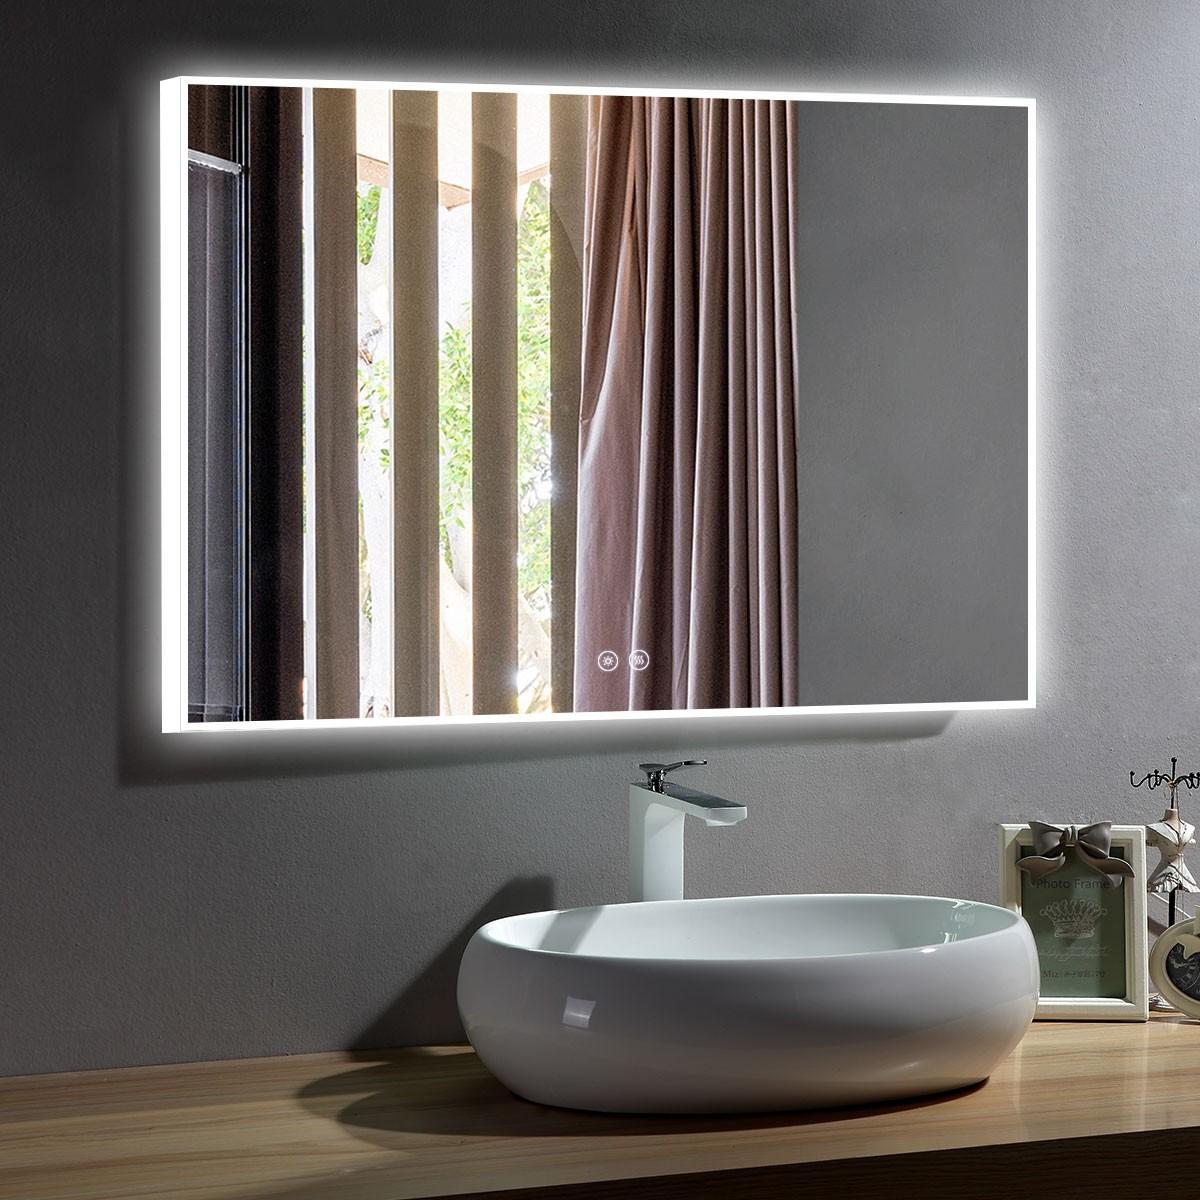 DECORAPORT 48 x 36 Po Miroir de Salle de Bain LED avec Bouton Tactile, Anti-Buée, Luminosité Réglable, Bluetooth, Montage Vertical & Horizontal (D423-4836A)